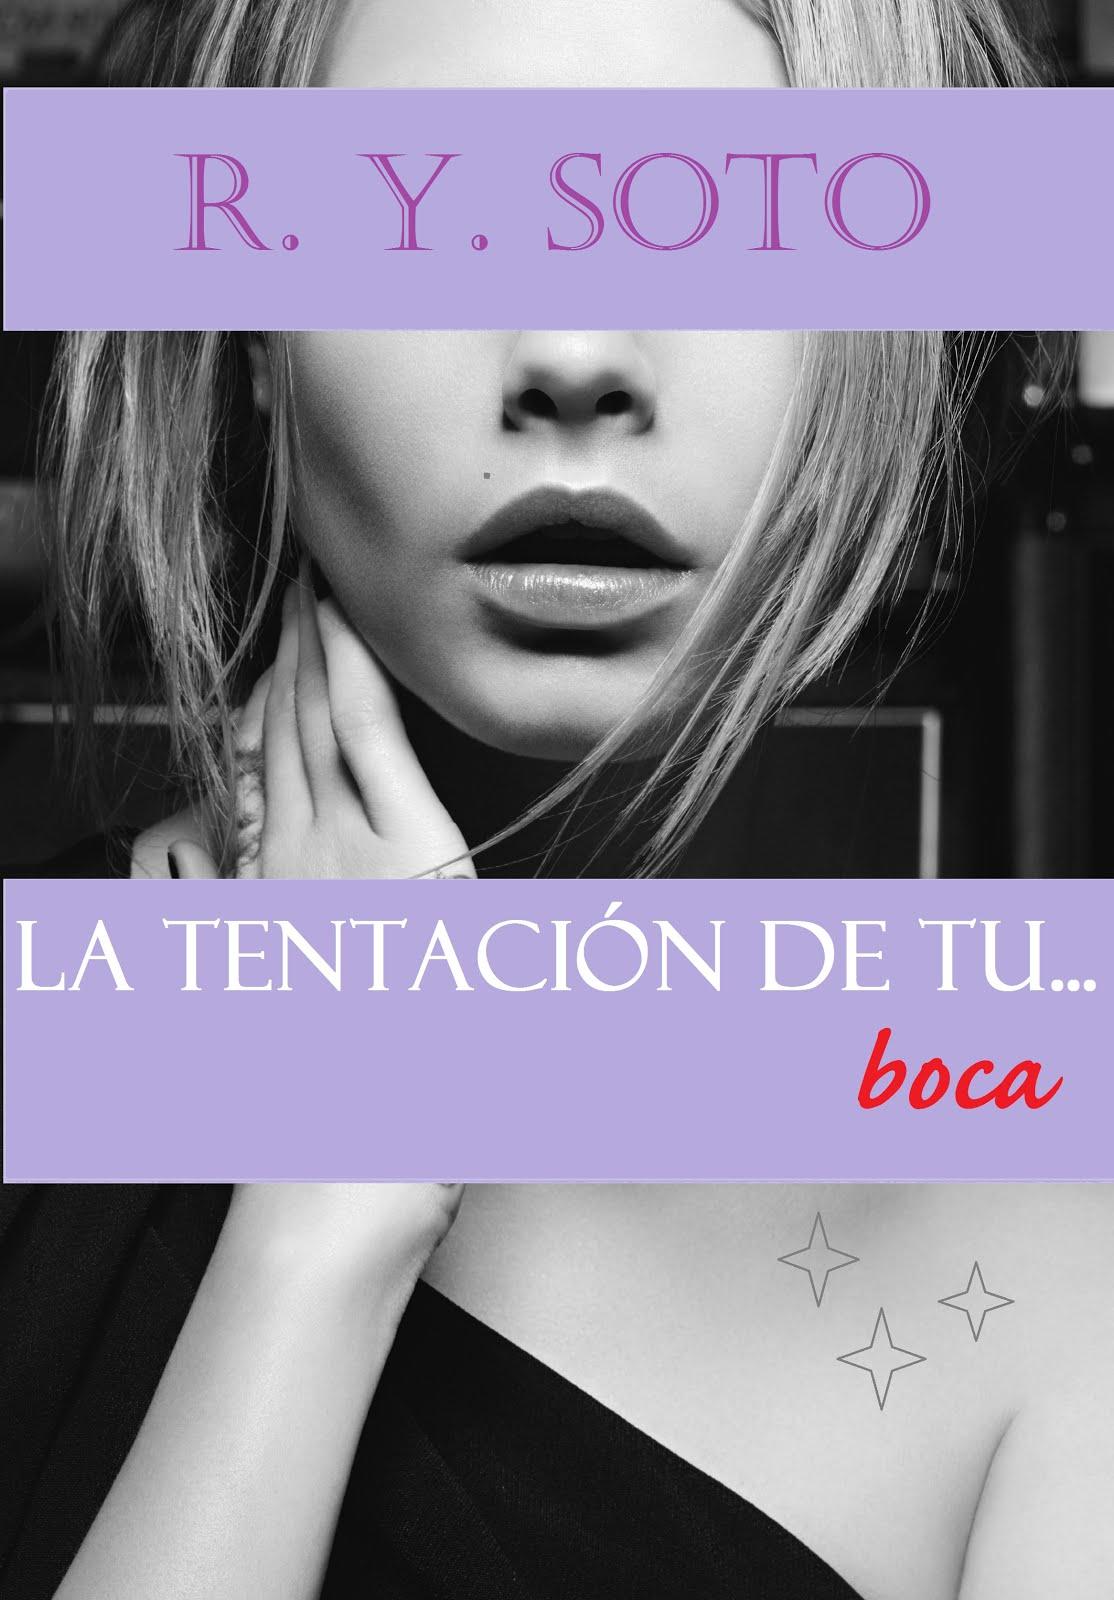 Mi 1° novela: